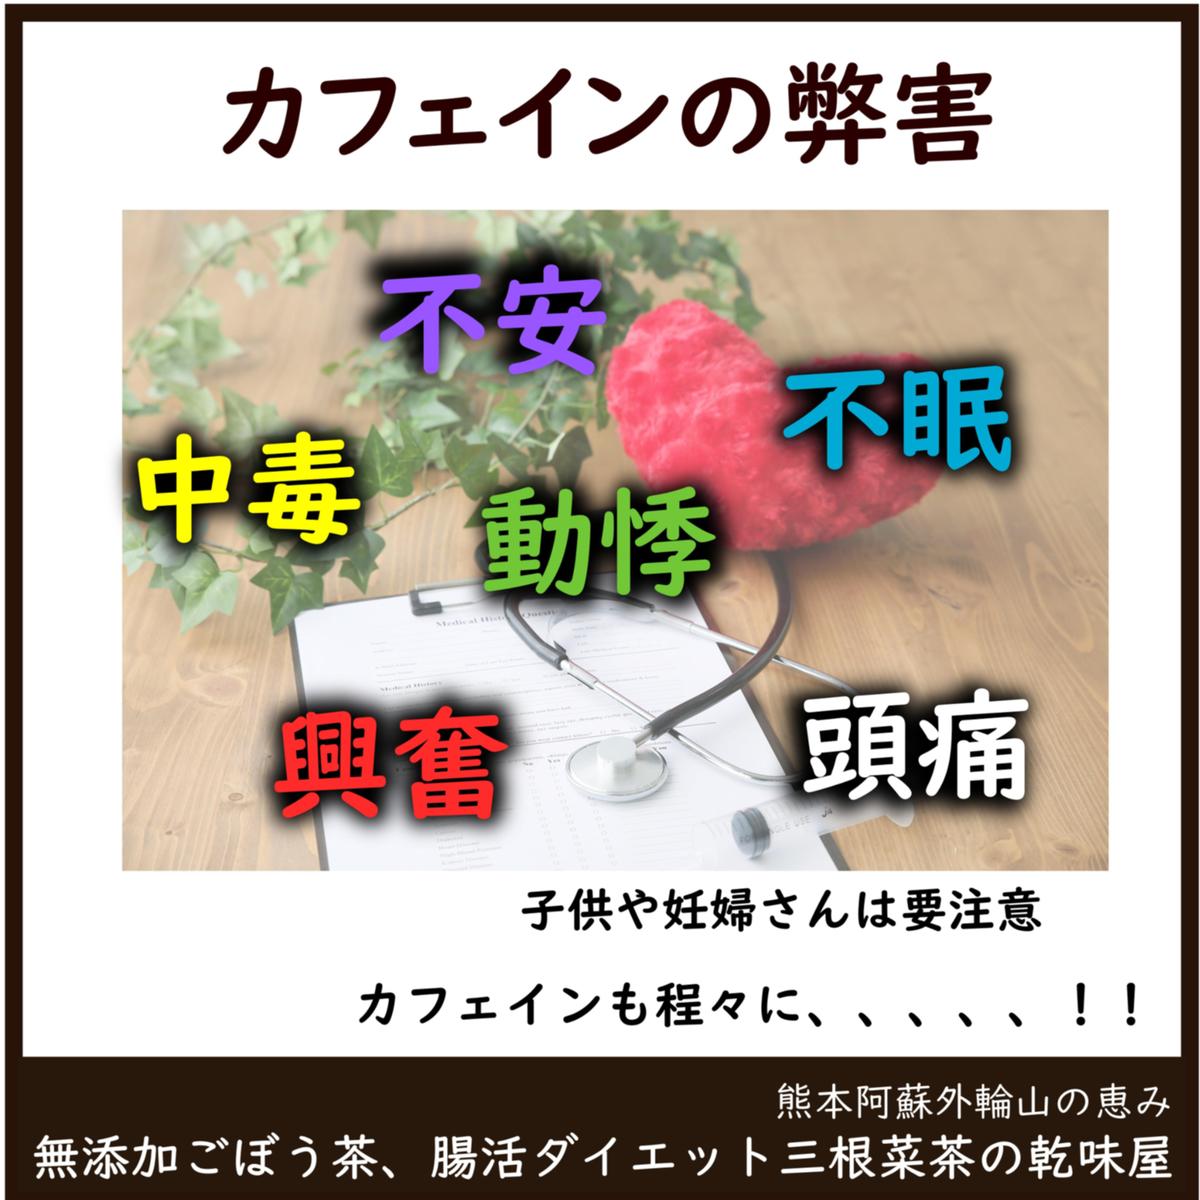 f:id:drymon-kanmiya:20210105040657j:plain